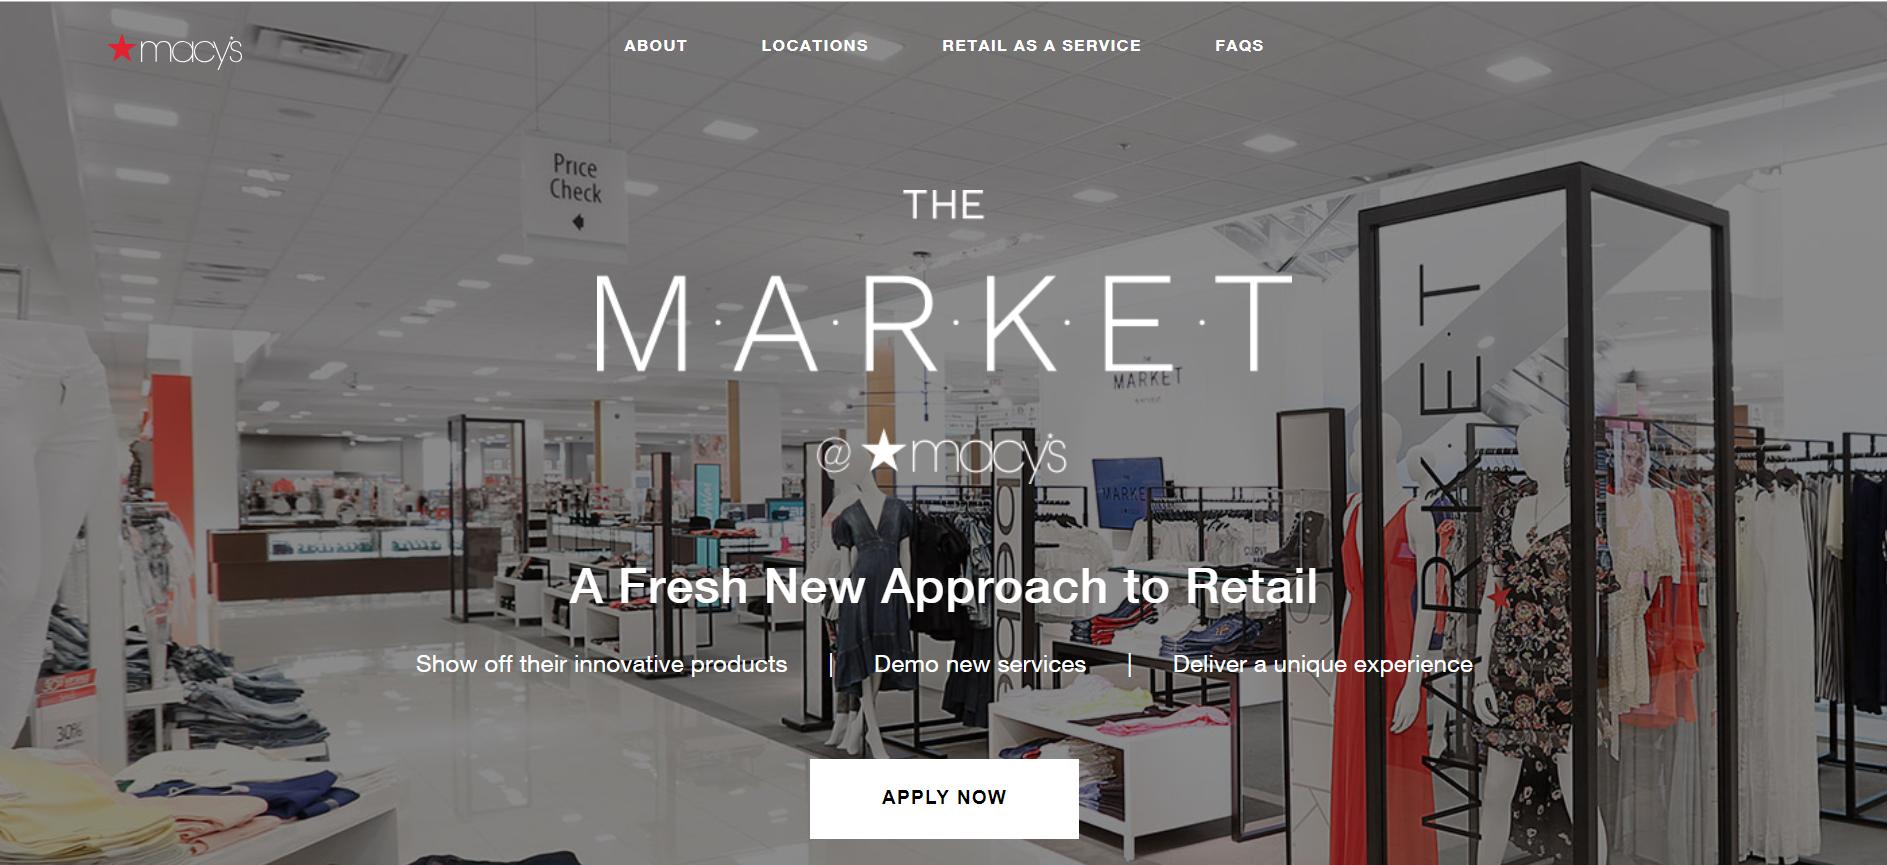 market-at-macy's.png